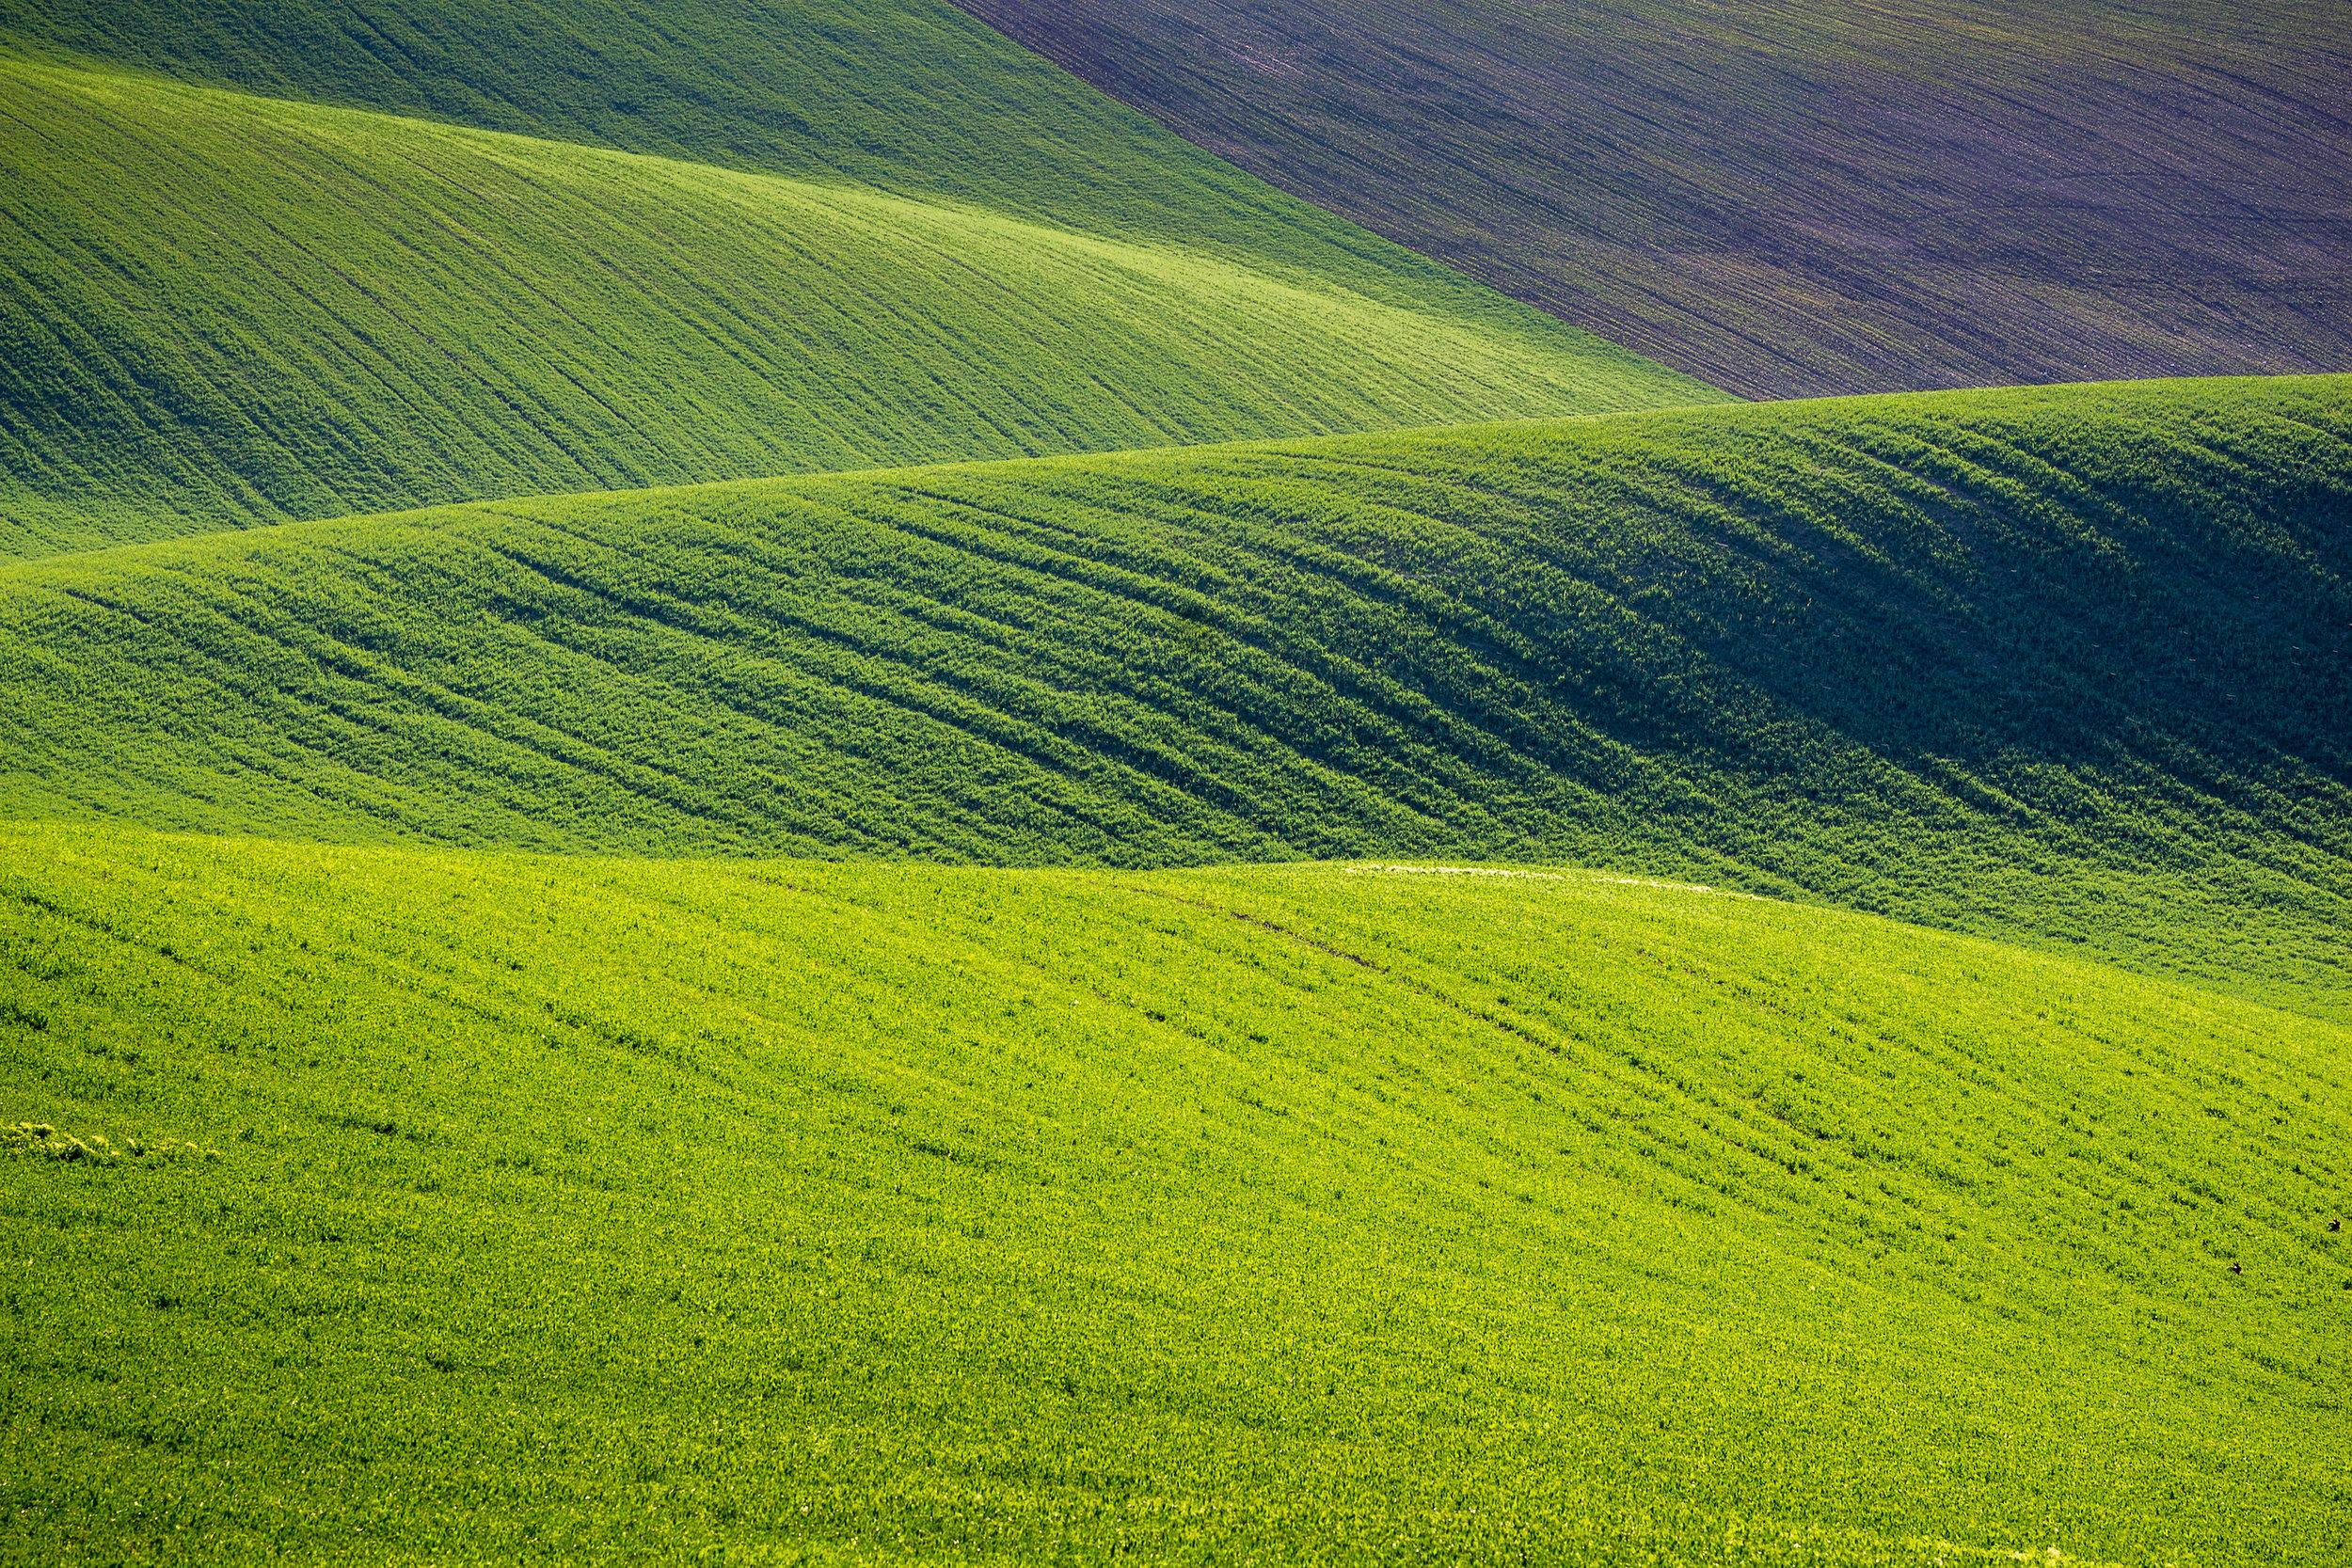 velvet green rolling hills.jpg